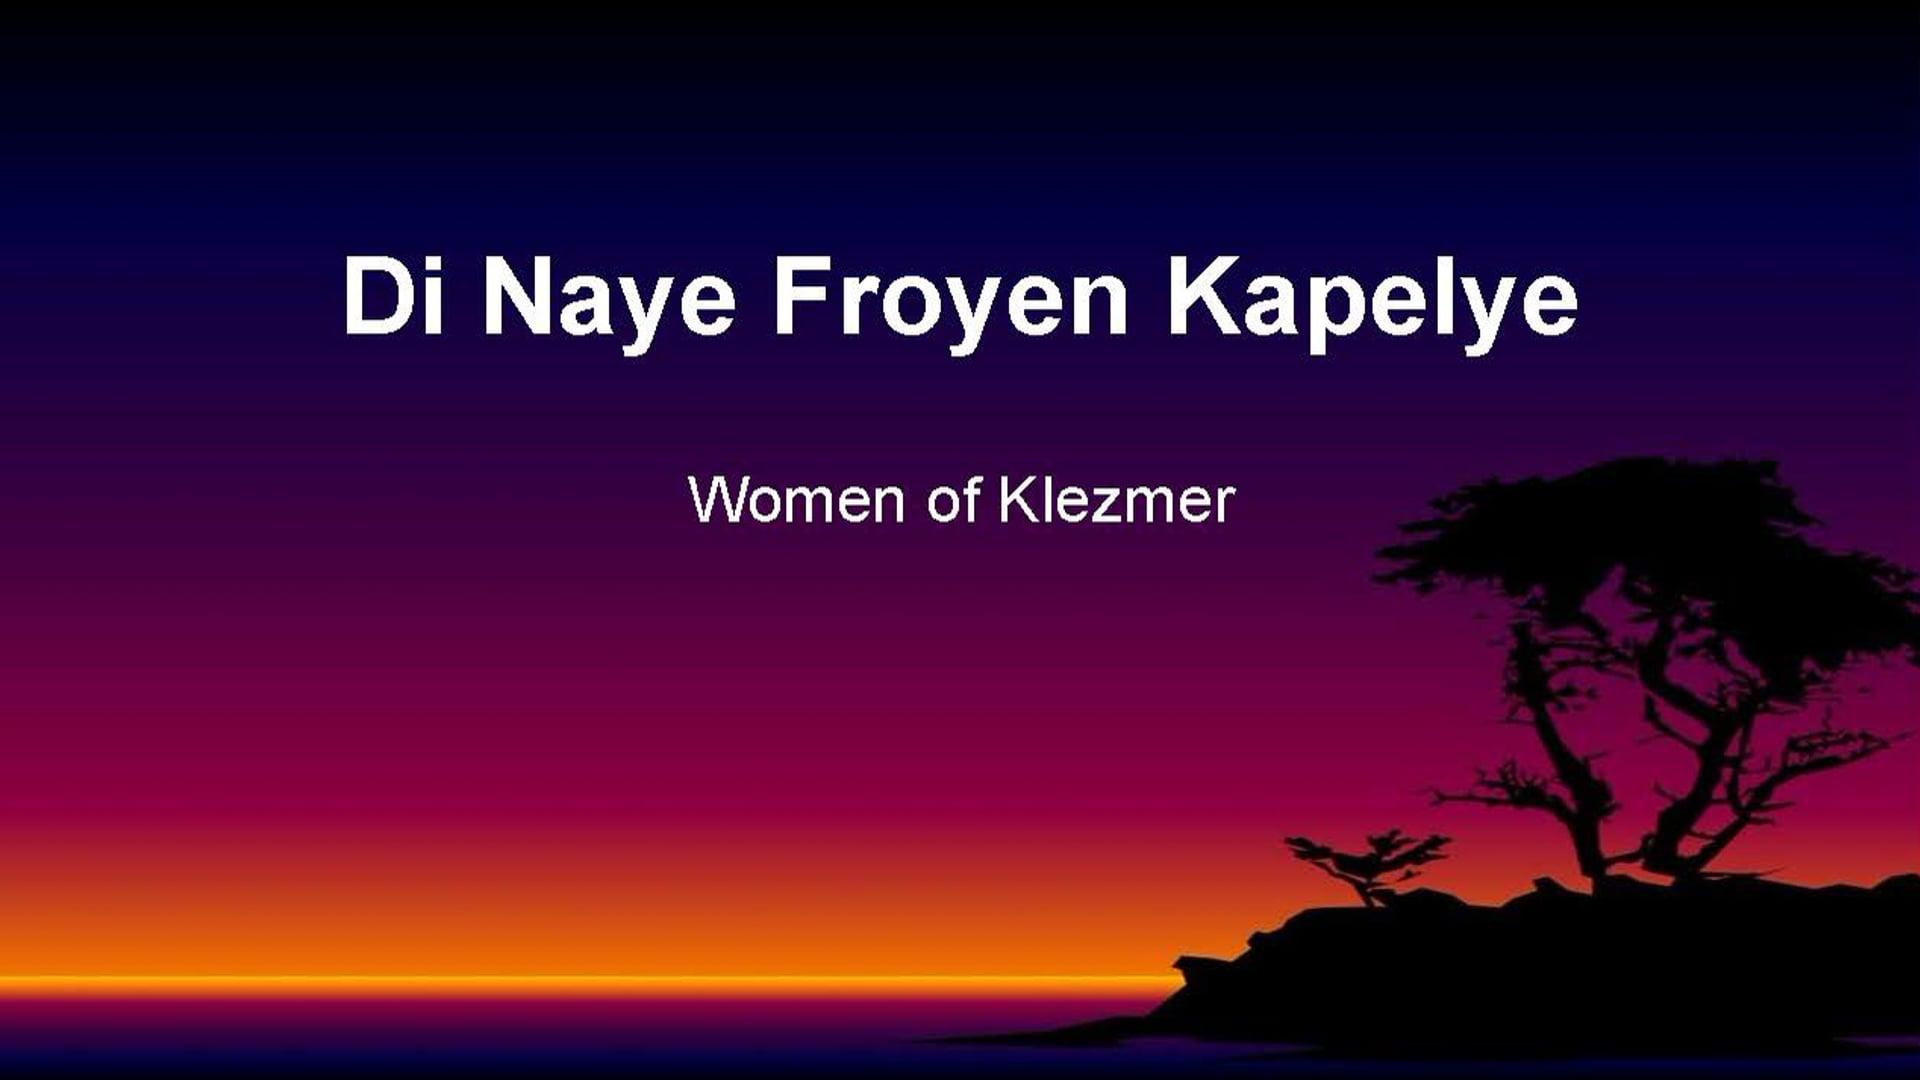 Di Naye Froyen Kapelye